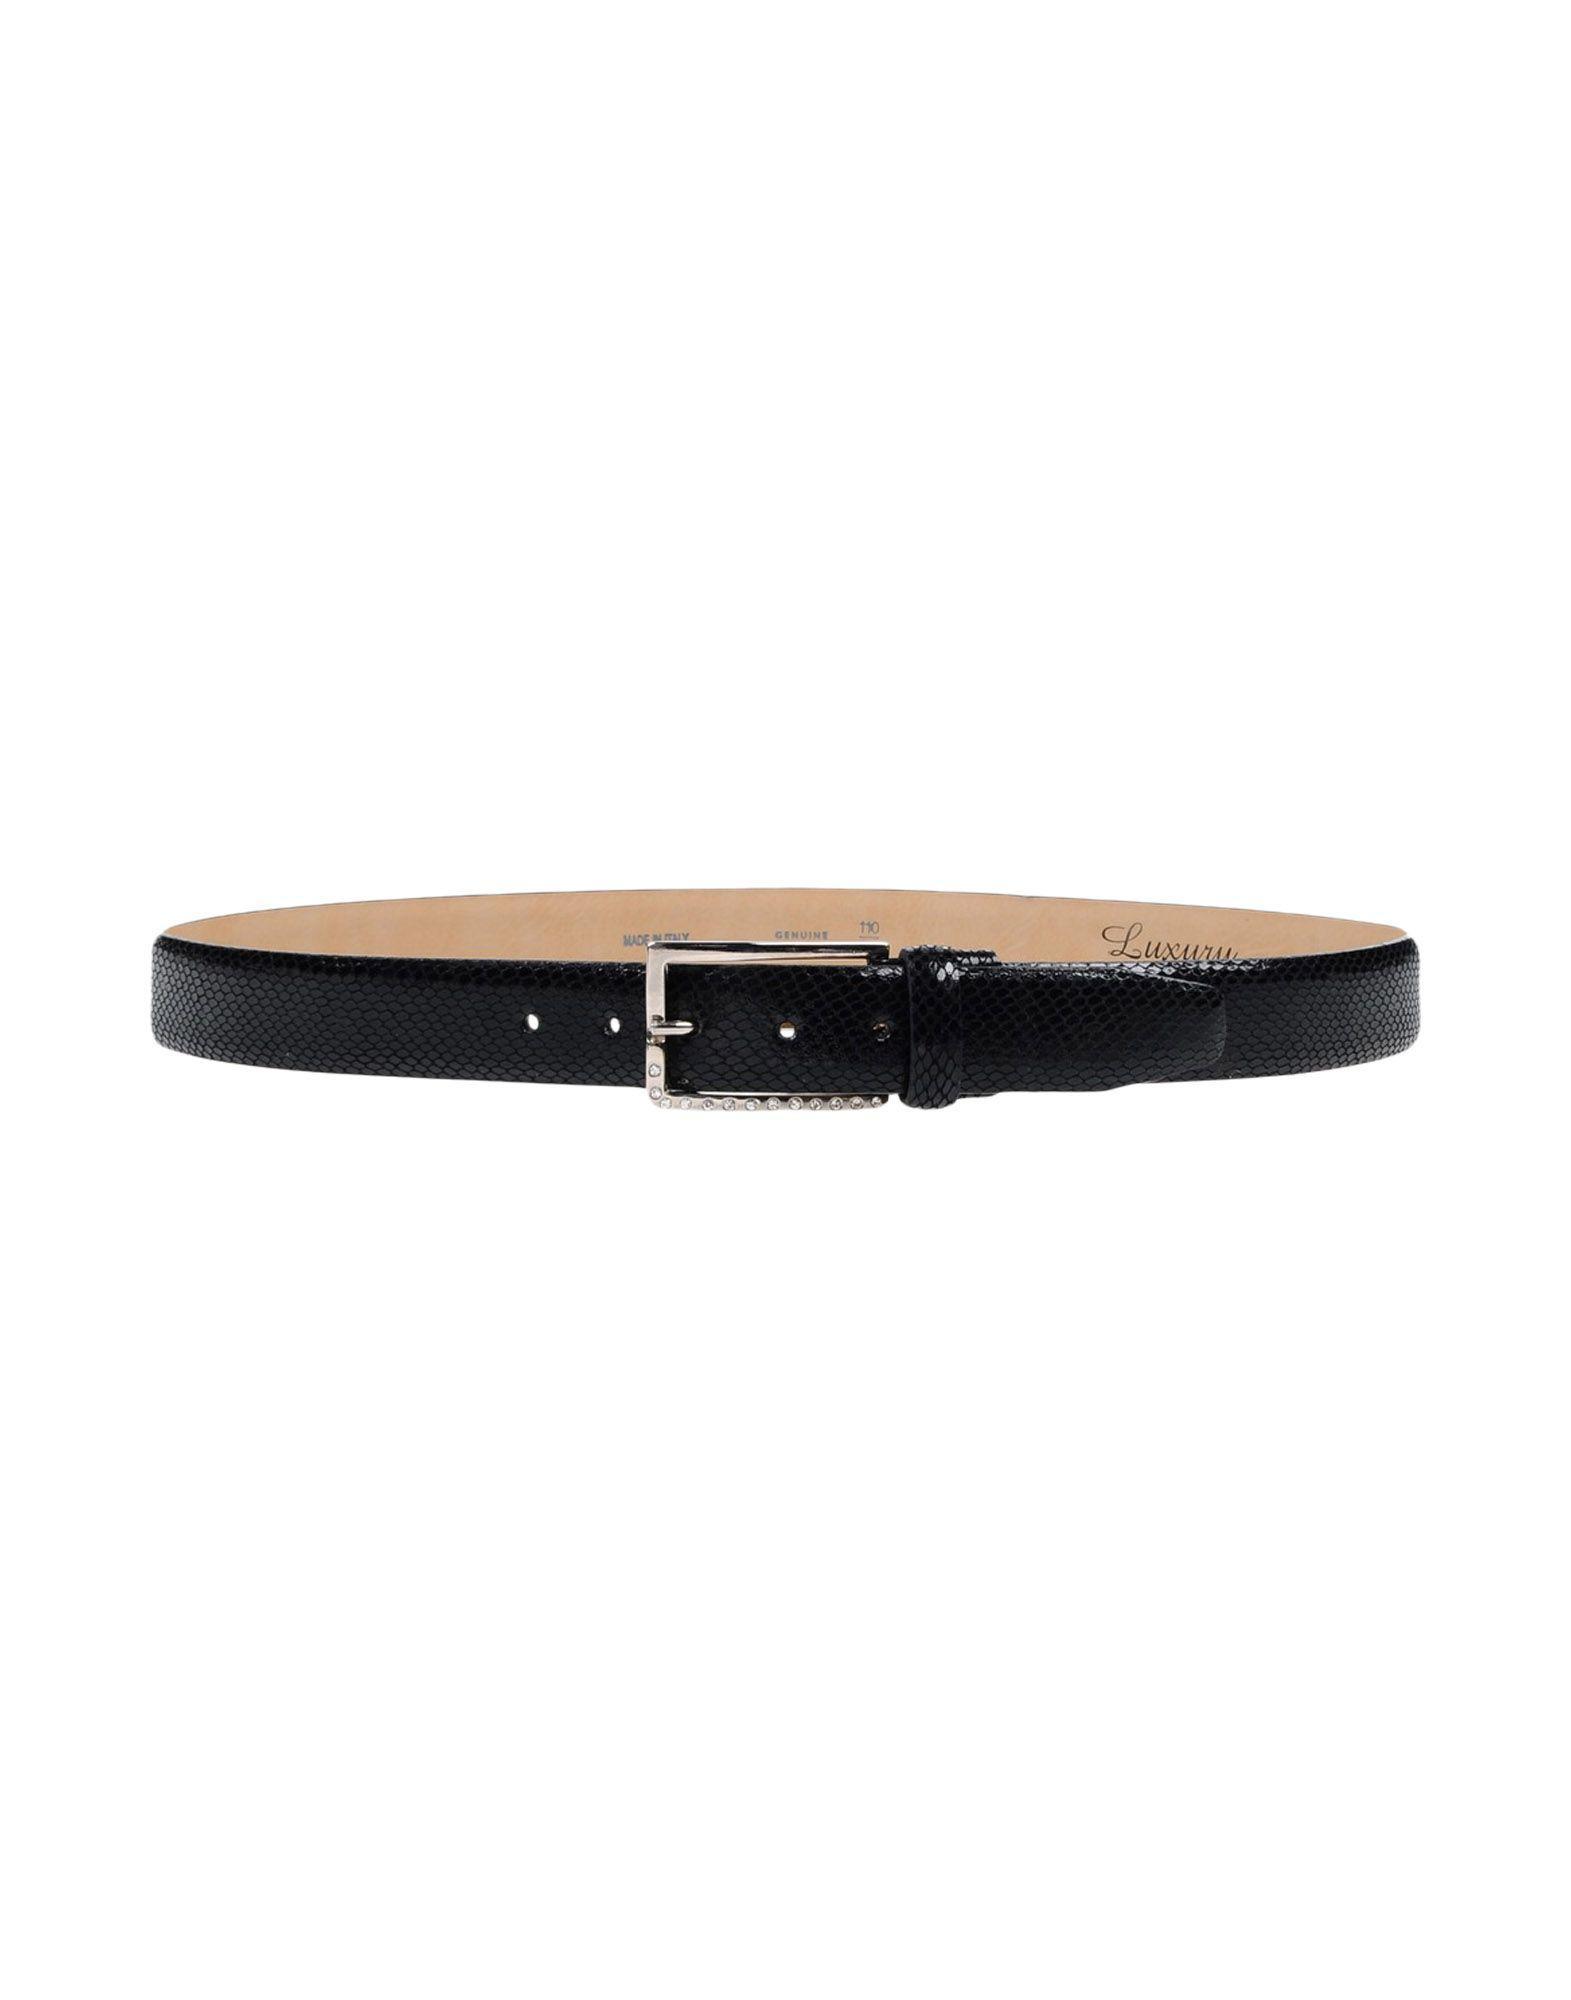 Luxury Belts In Black